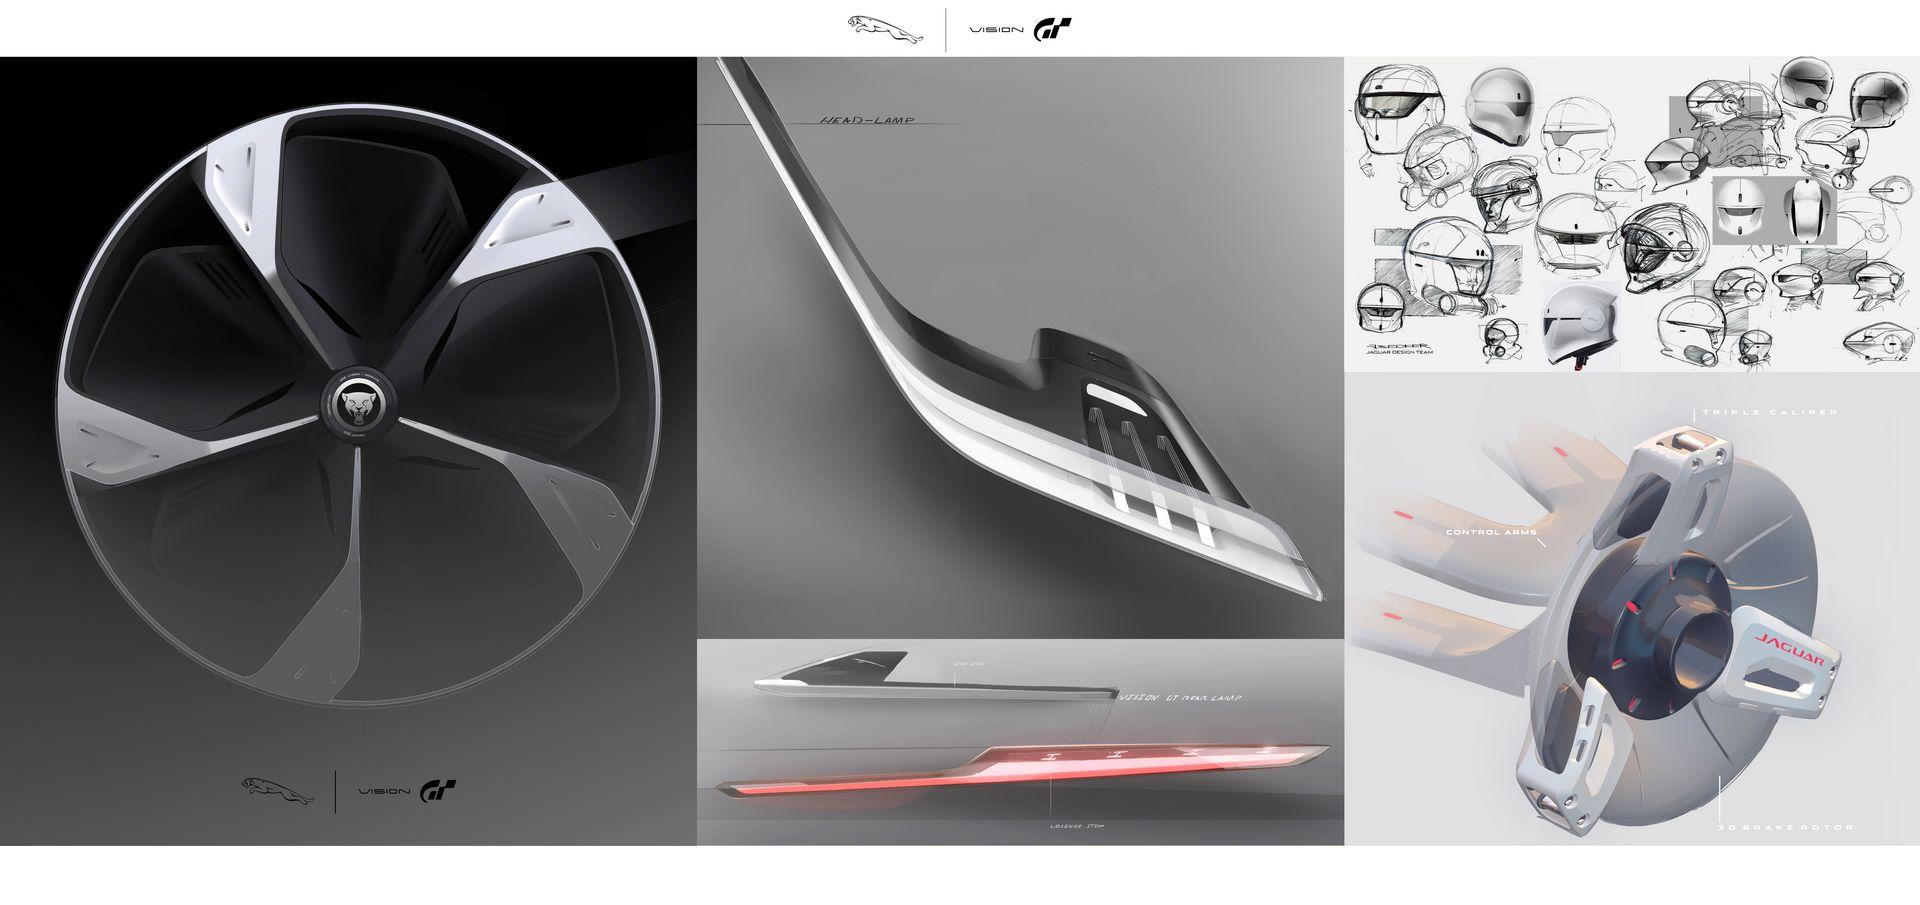 Jaguar-Vision-Gran-Turismo-27